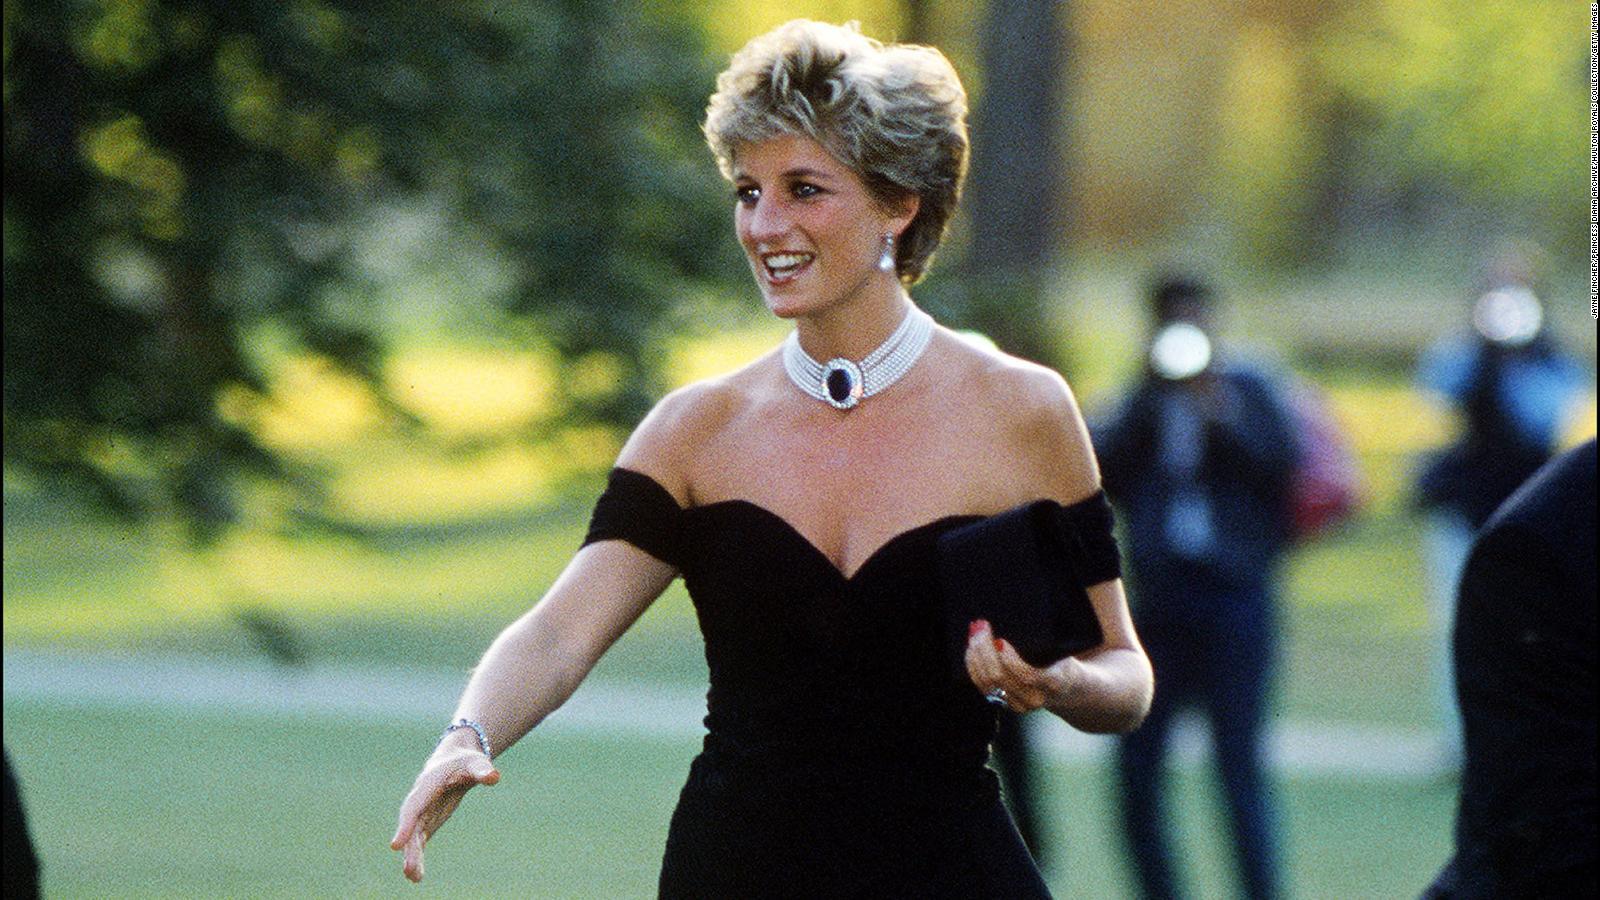 Kristen Stewart Channels Princess Diana S Turmoil In Spencer Poster Cnn Style